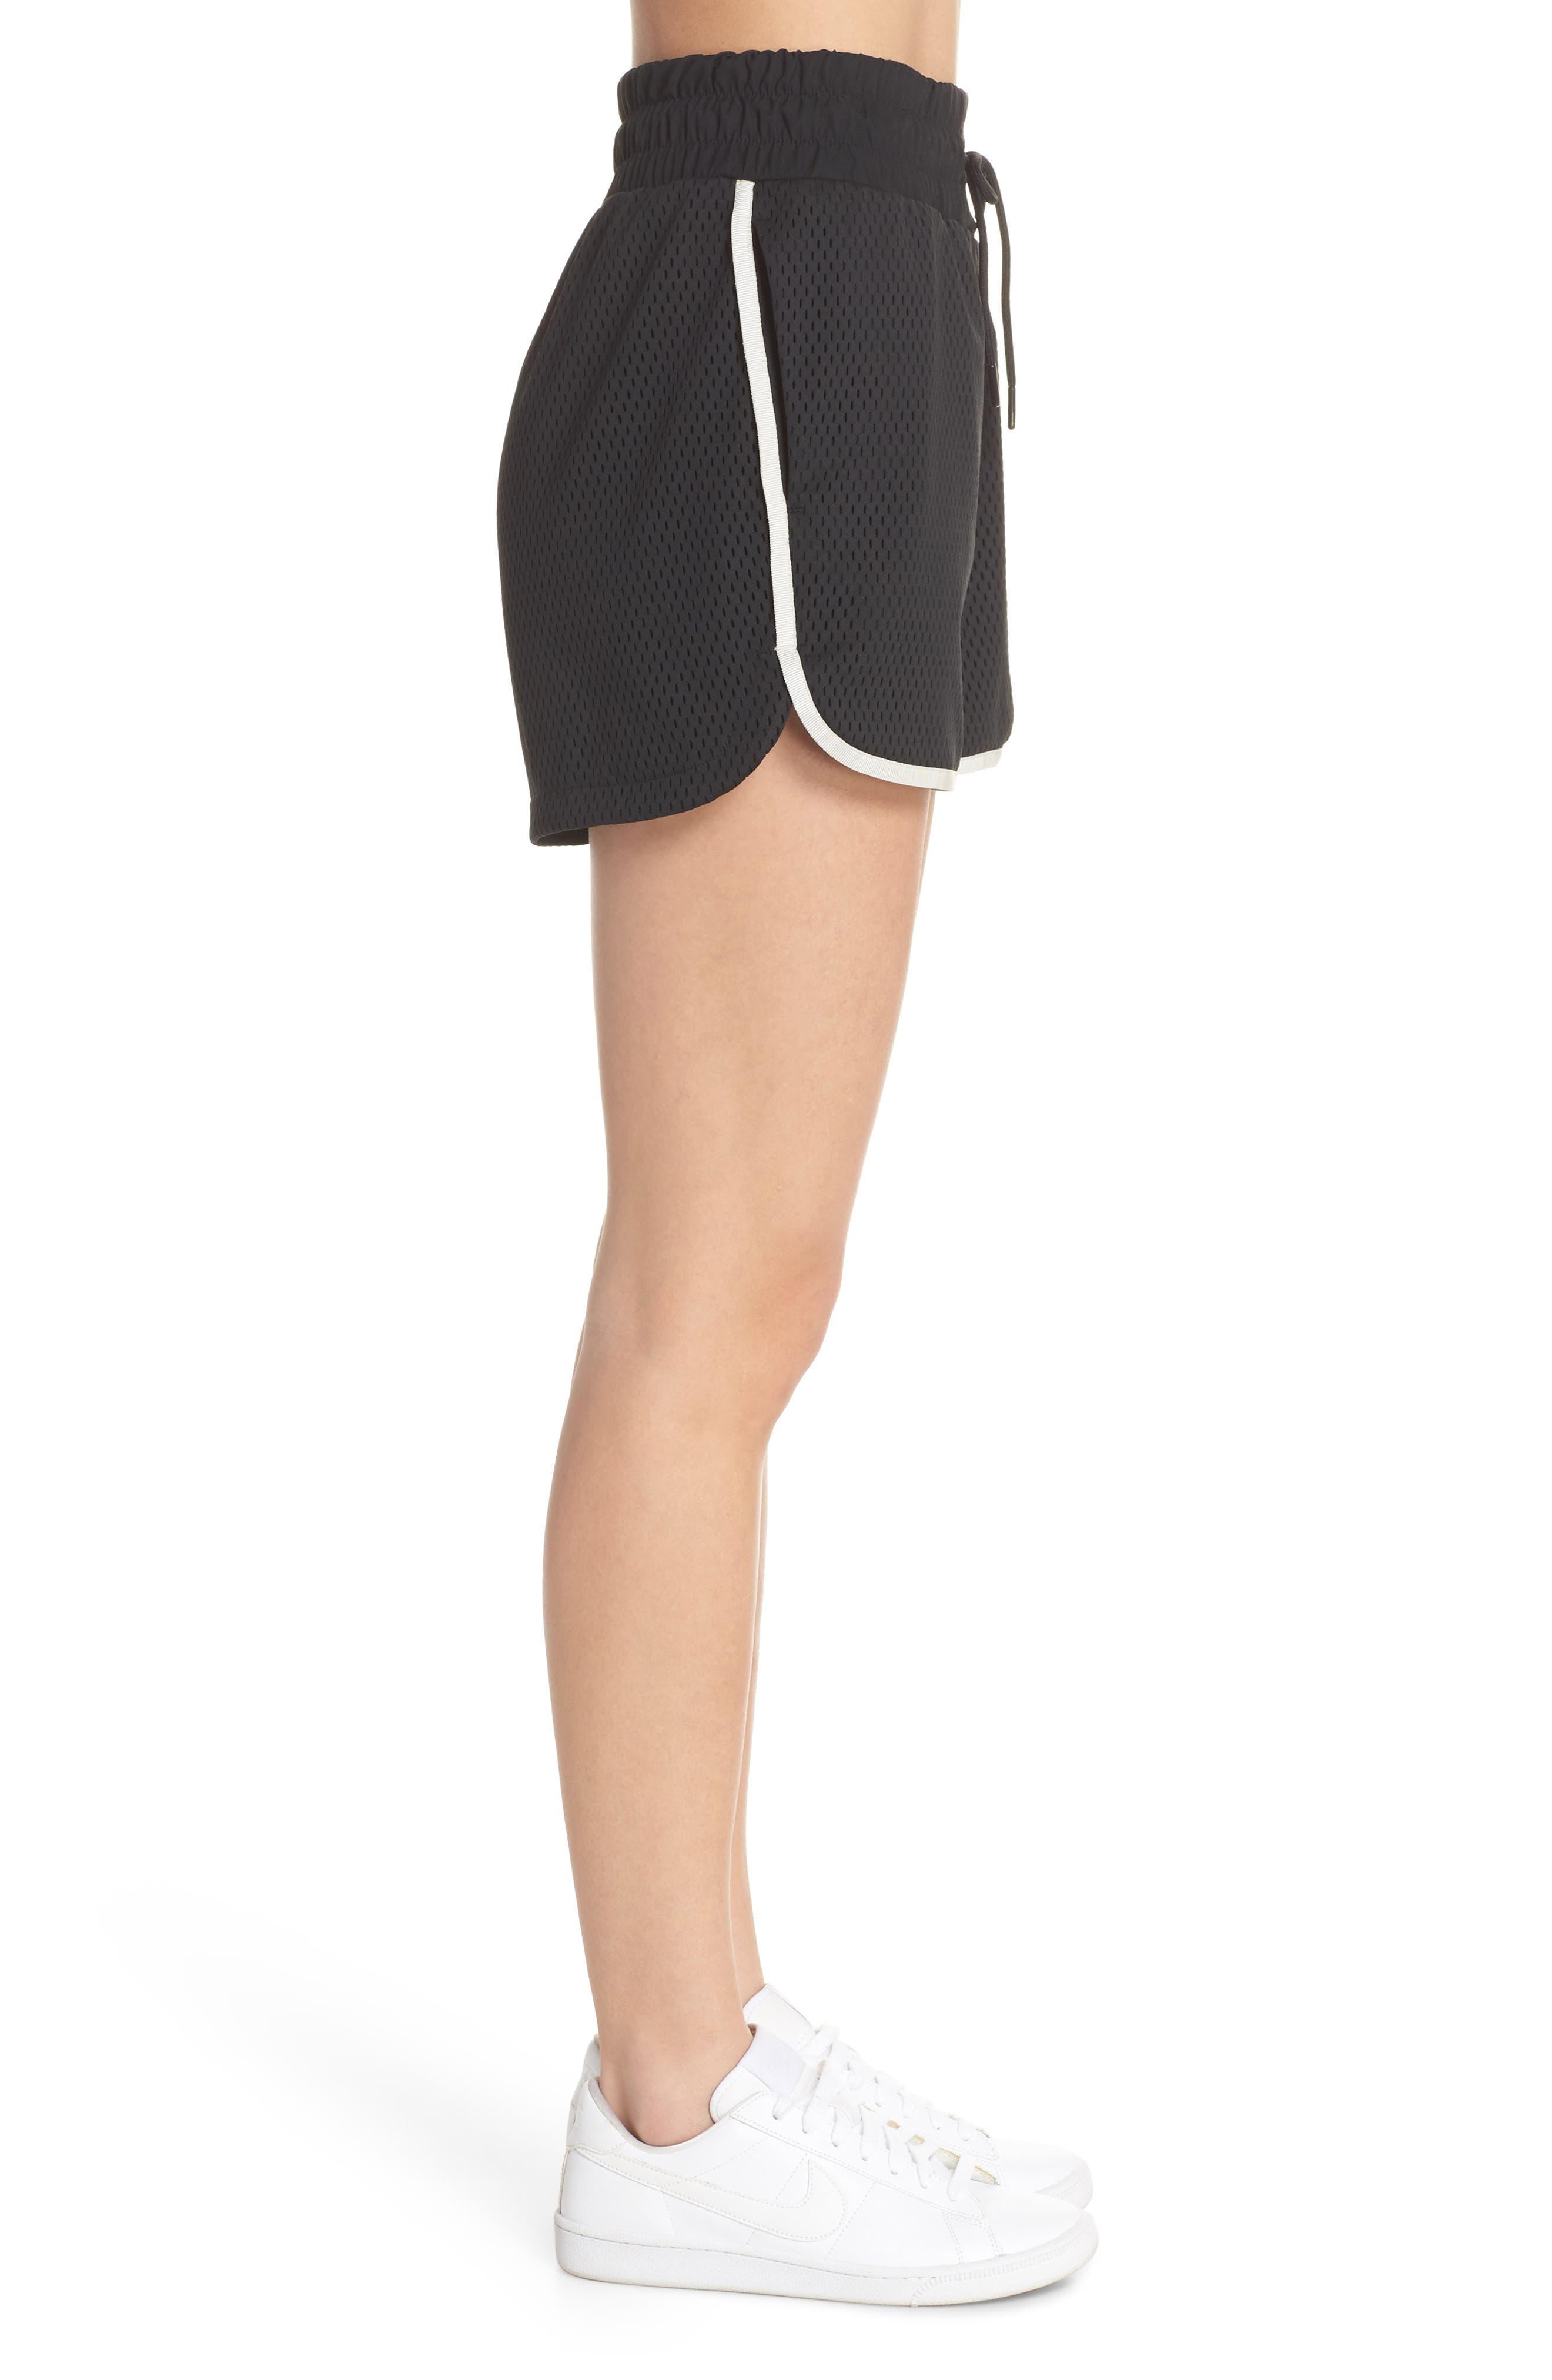 Sportswear Women's Dri-FIT Mesh Shorts,                             Alternate thumbnail 3, color,                             BLACK/ LIGHT BONE